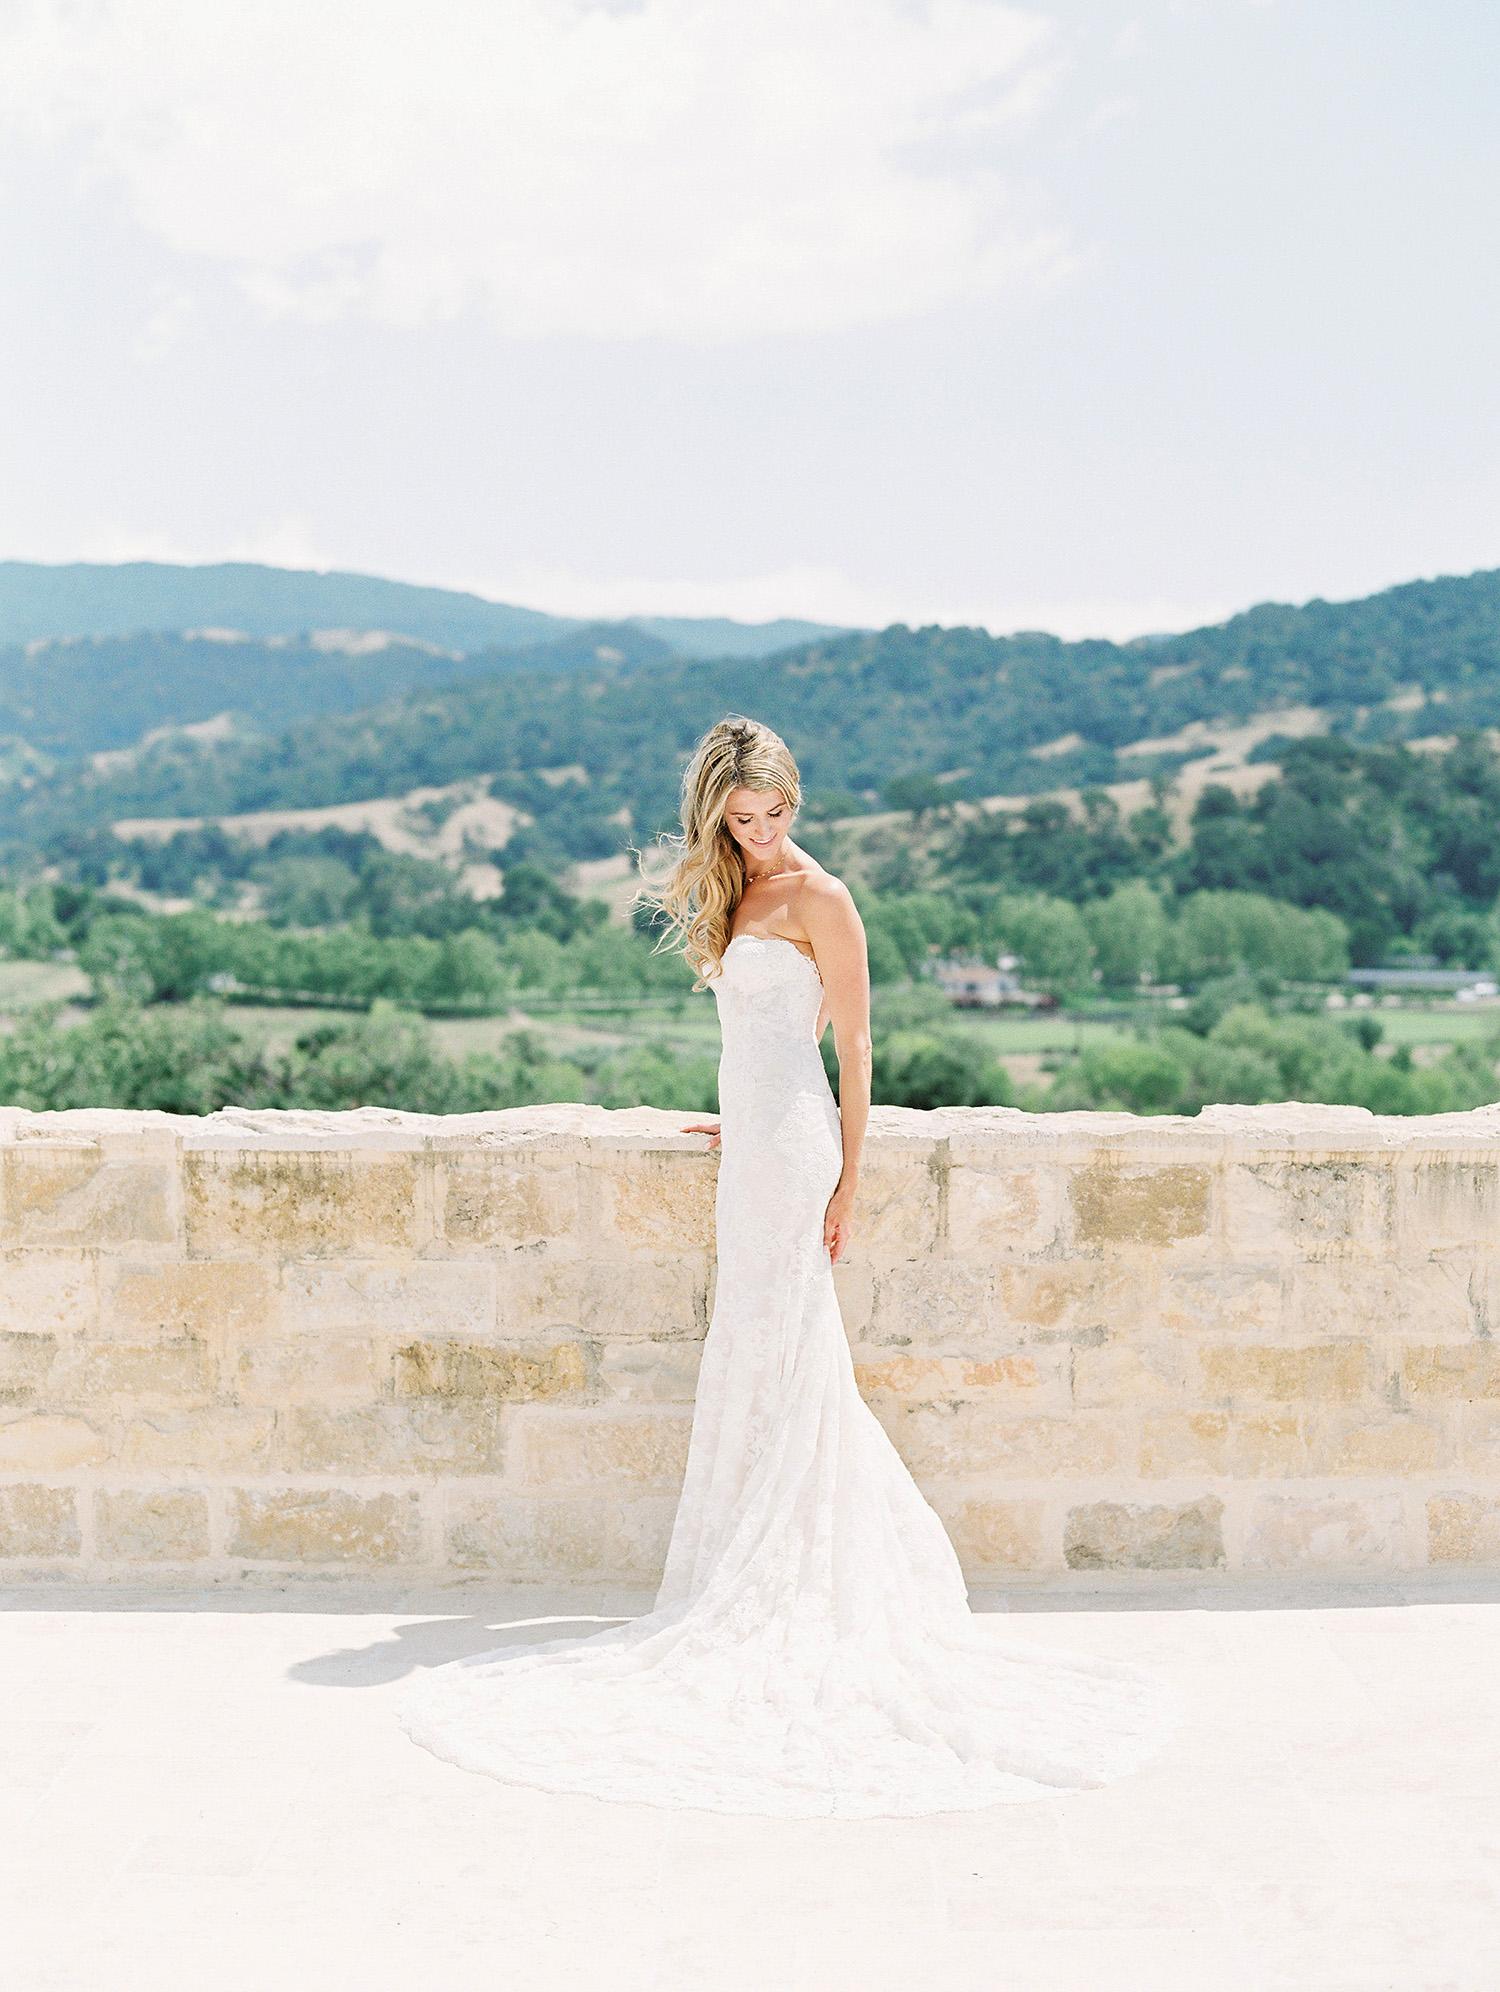 kati erik wedding bride dress